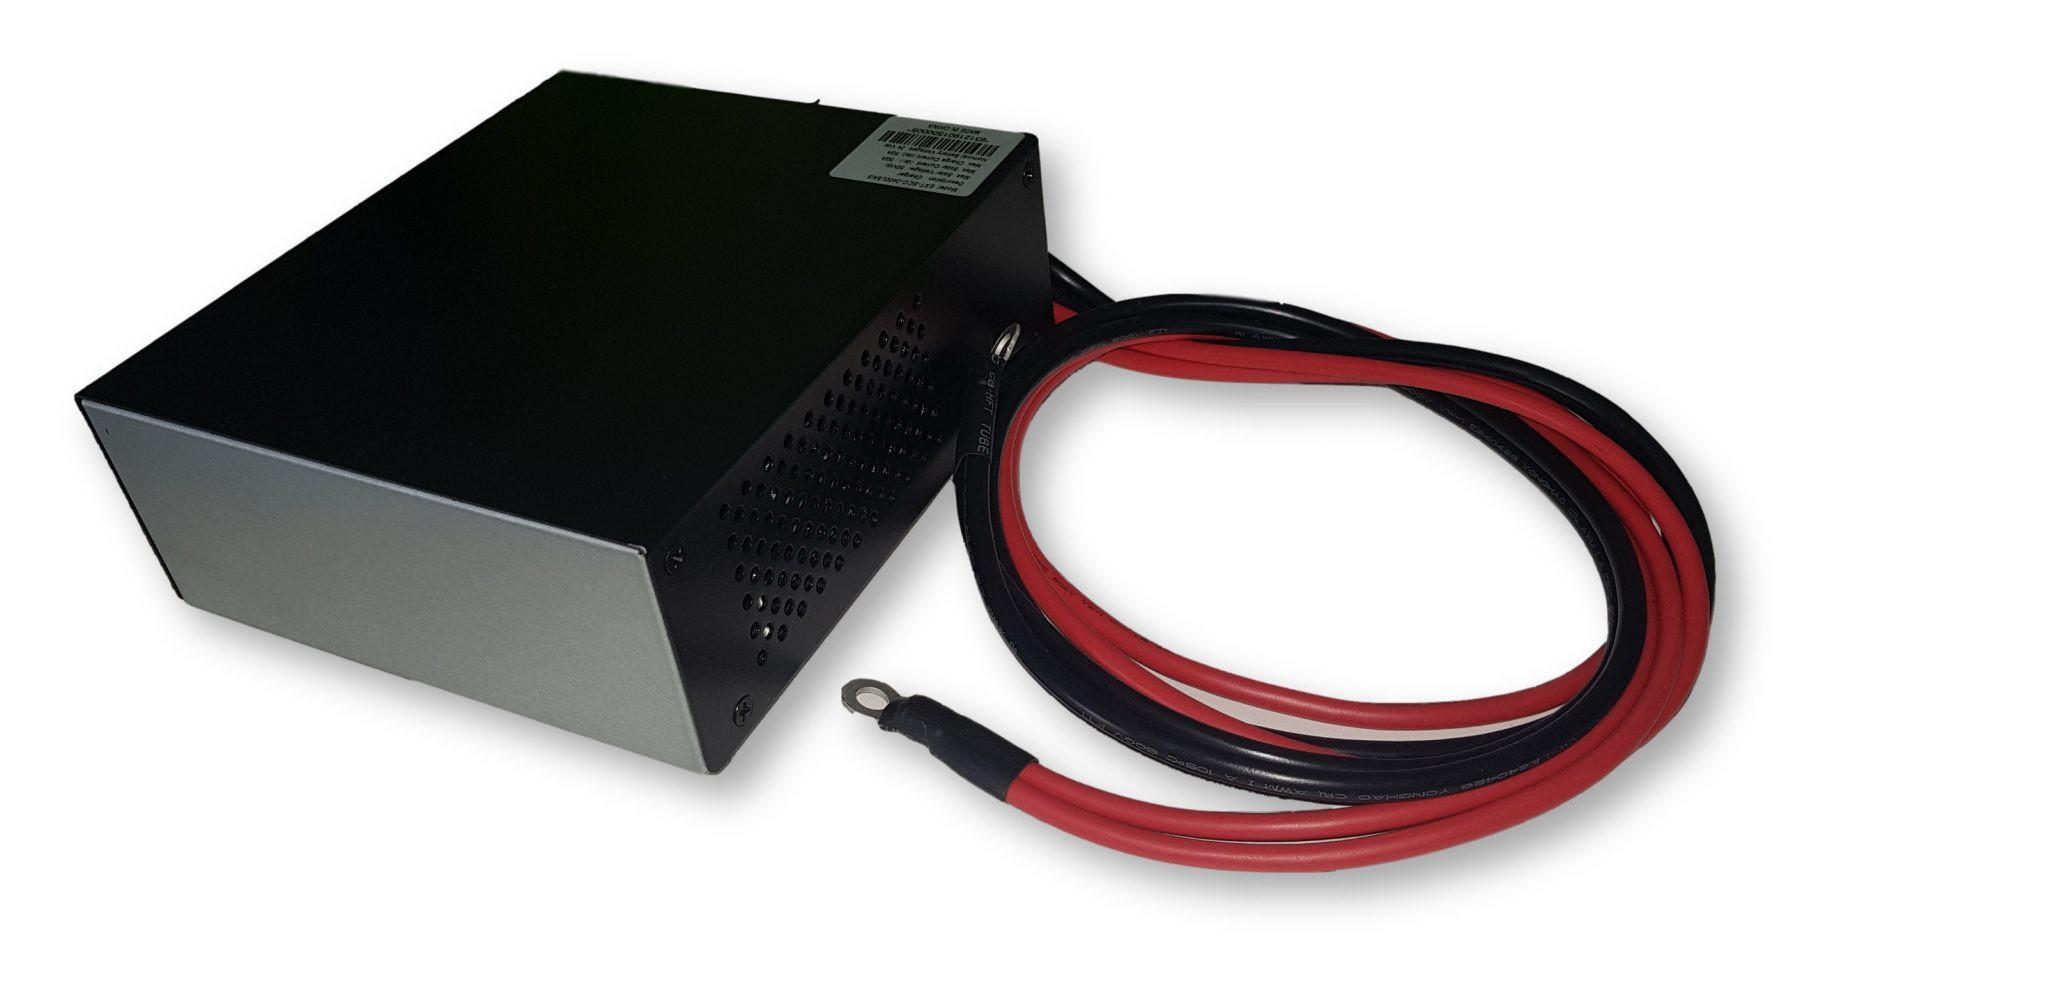 External PWM Solar Power Charger for IVR-2400LBKS